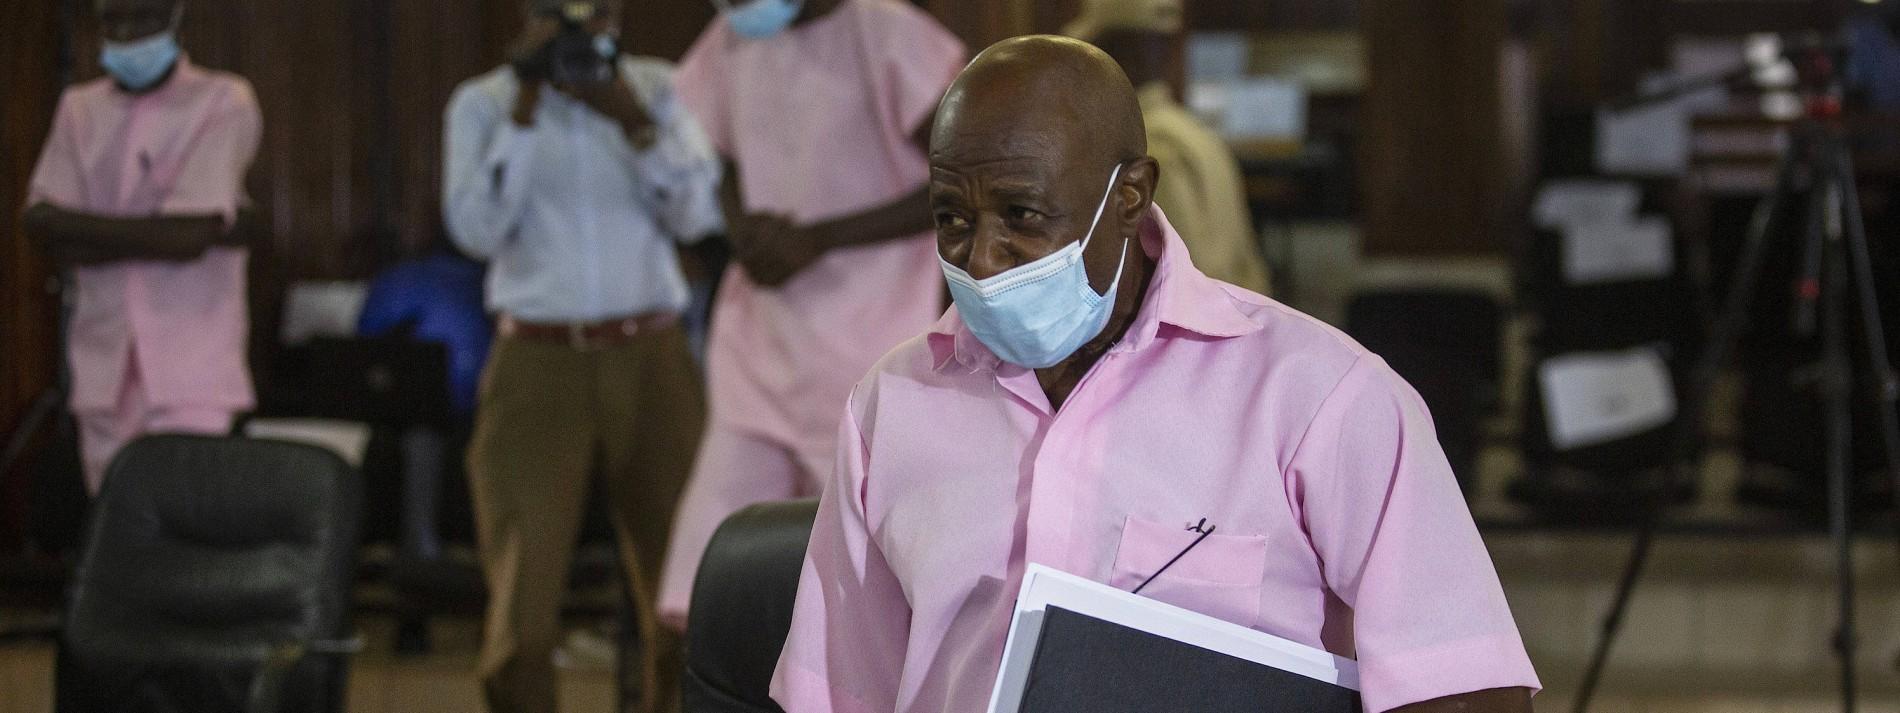 """""""Hotel Ruanda""""-Held zu 25 Jahren Haft verurteilt"""